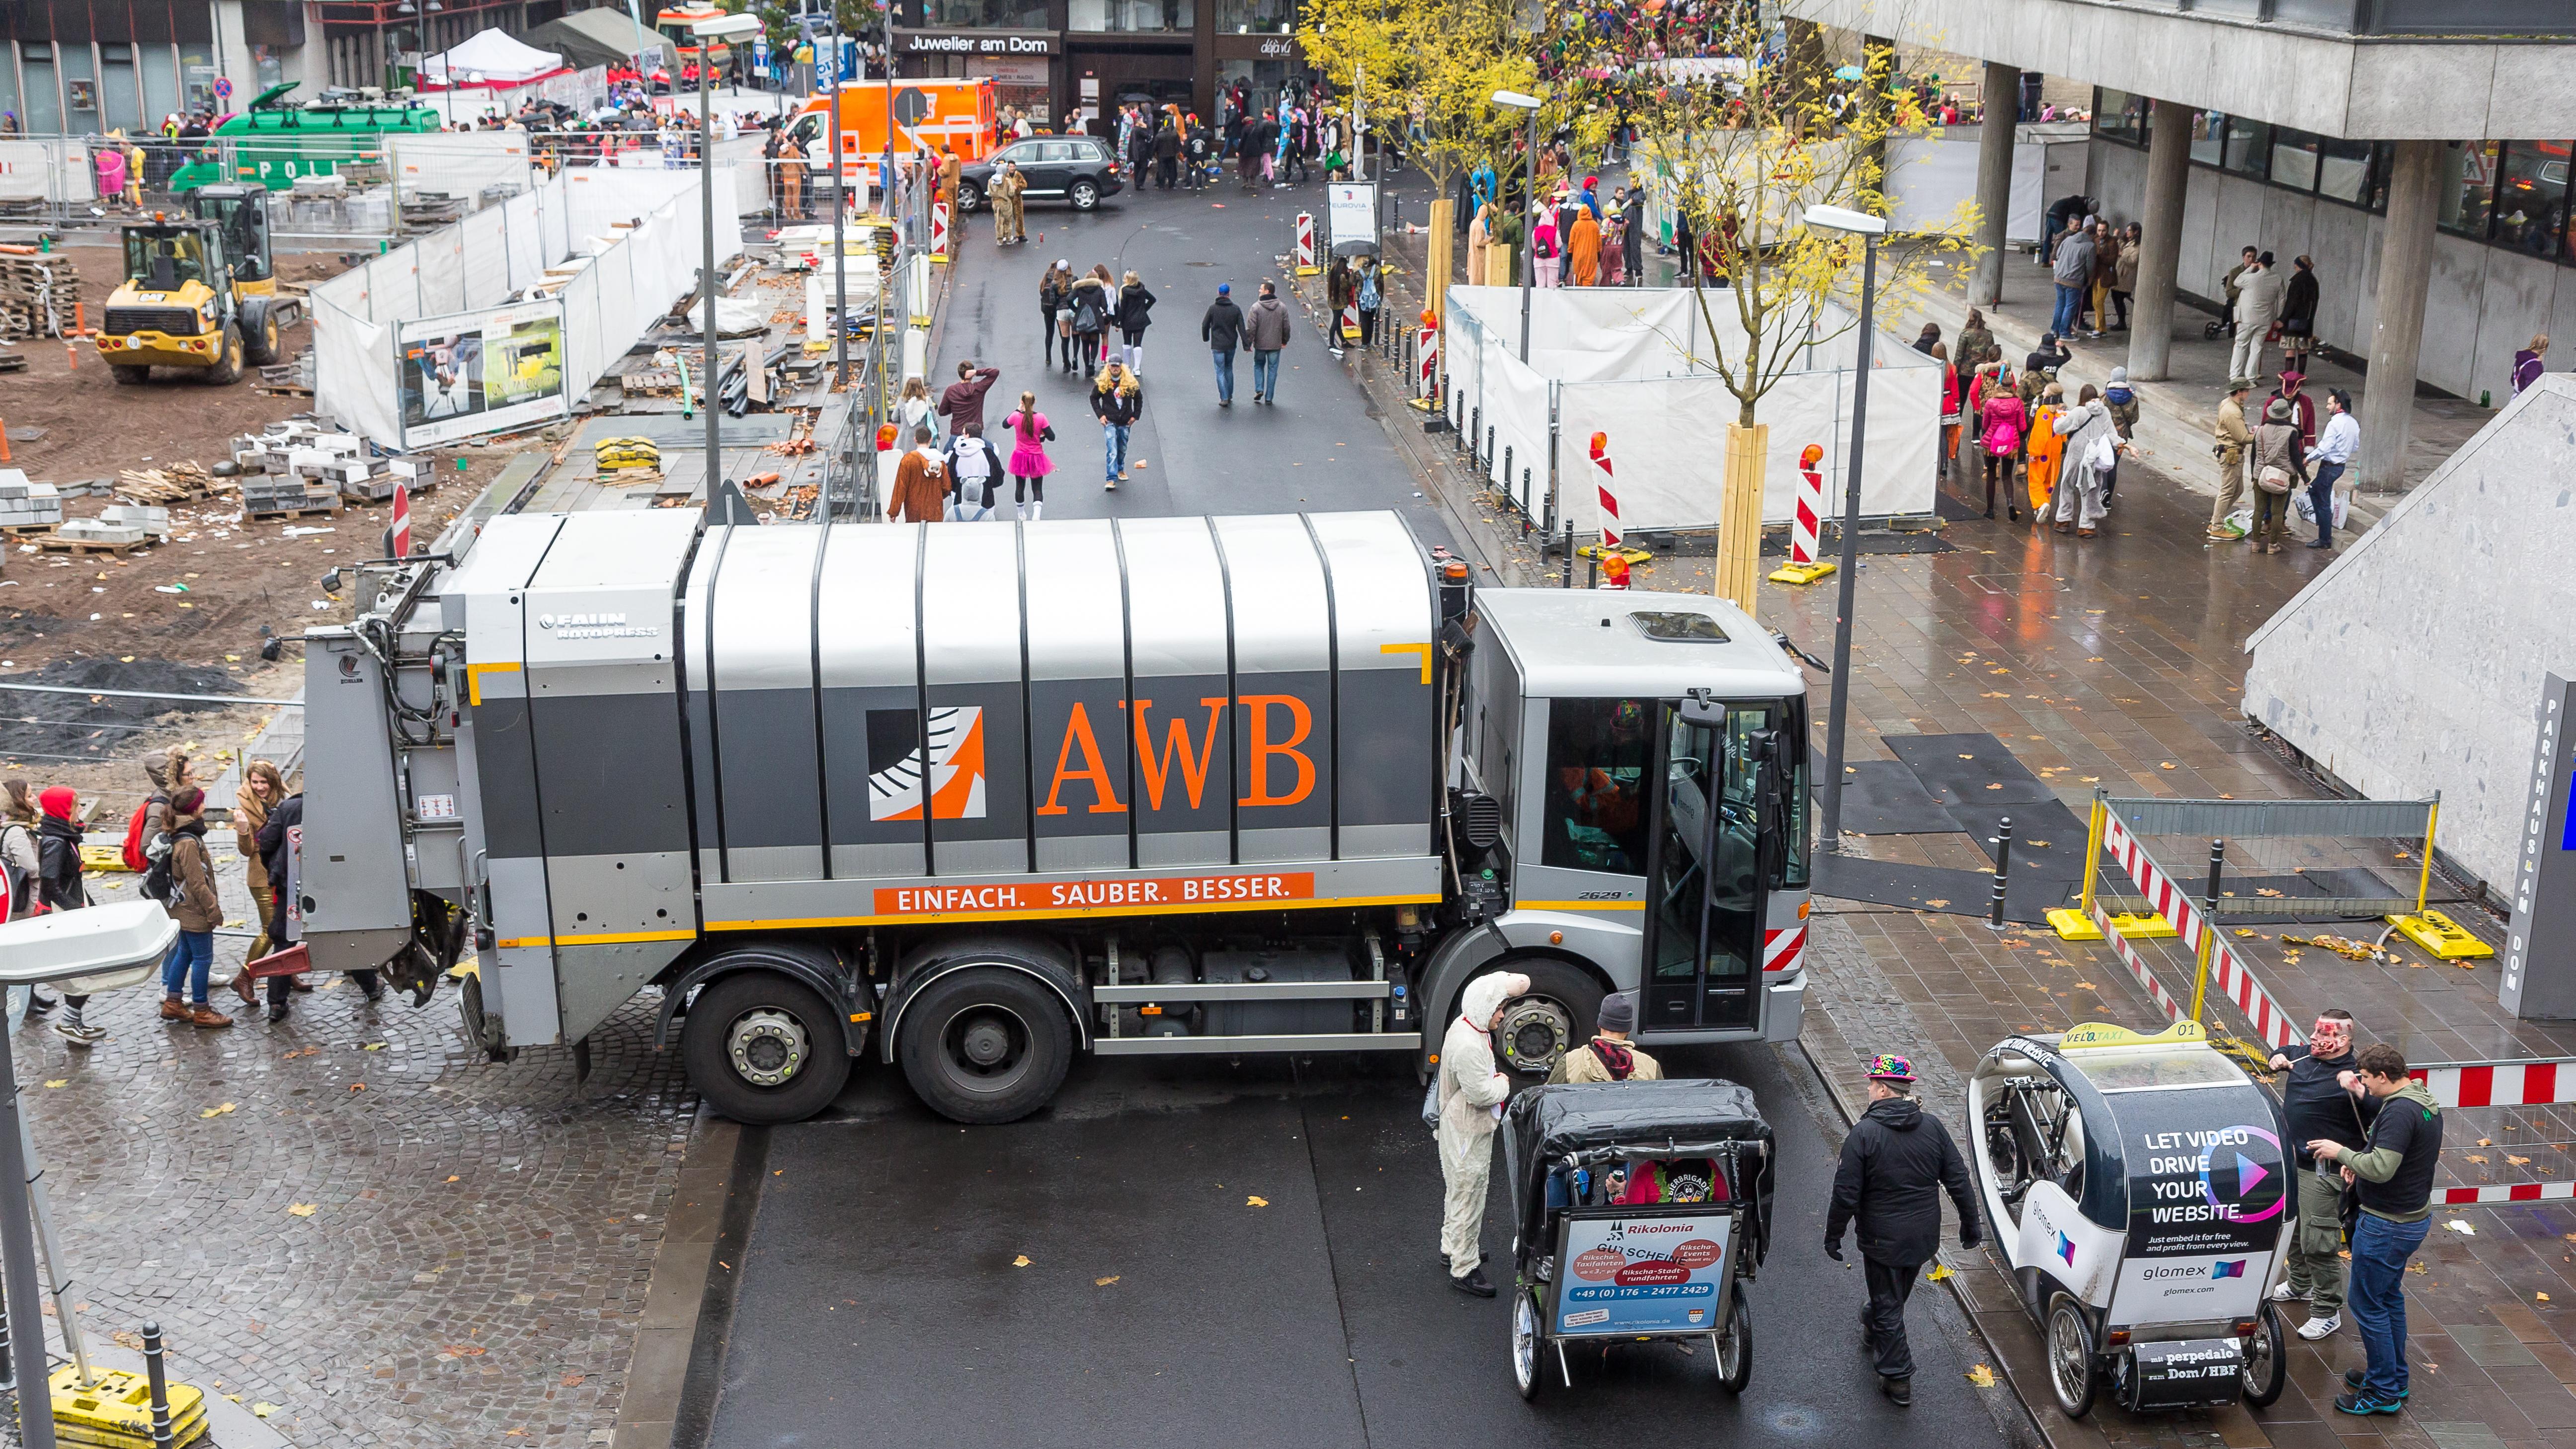 File:Mehr Spaß ohne Glas, 11.11.2017 in Köln-4508.jpg - Wikimedia ...